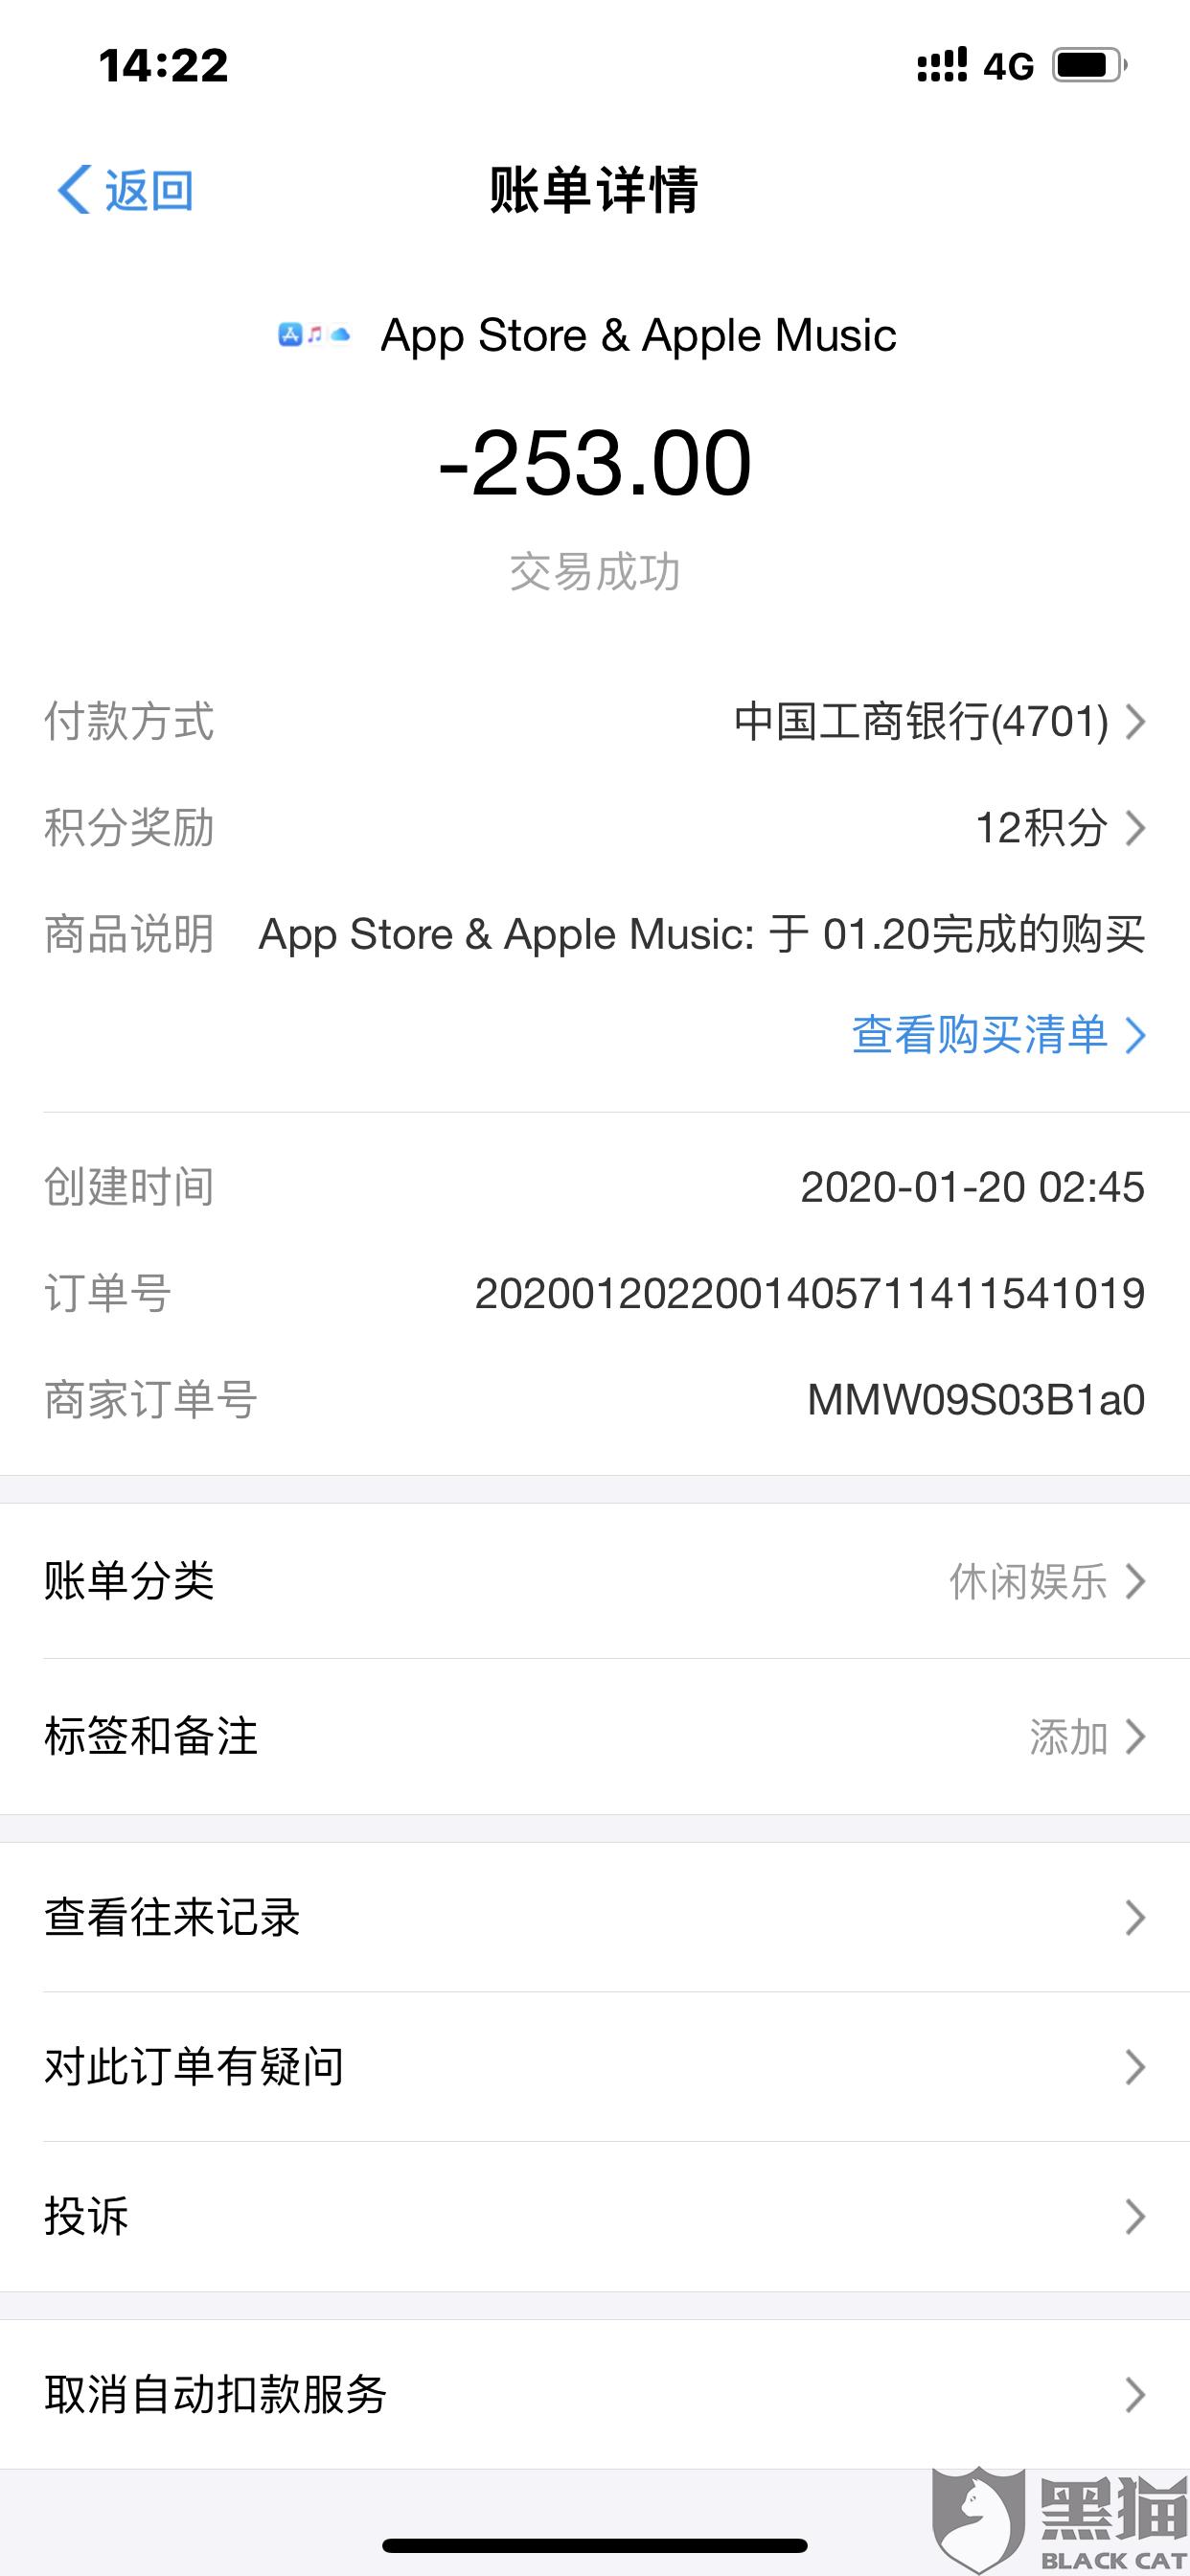 黑猫投诉:该商家为苹果应用商店里的一款软件,名字是InSnap-卡通艺术滤镜